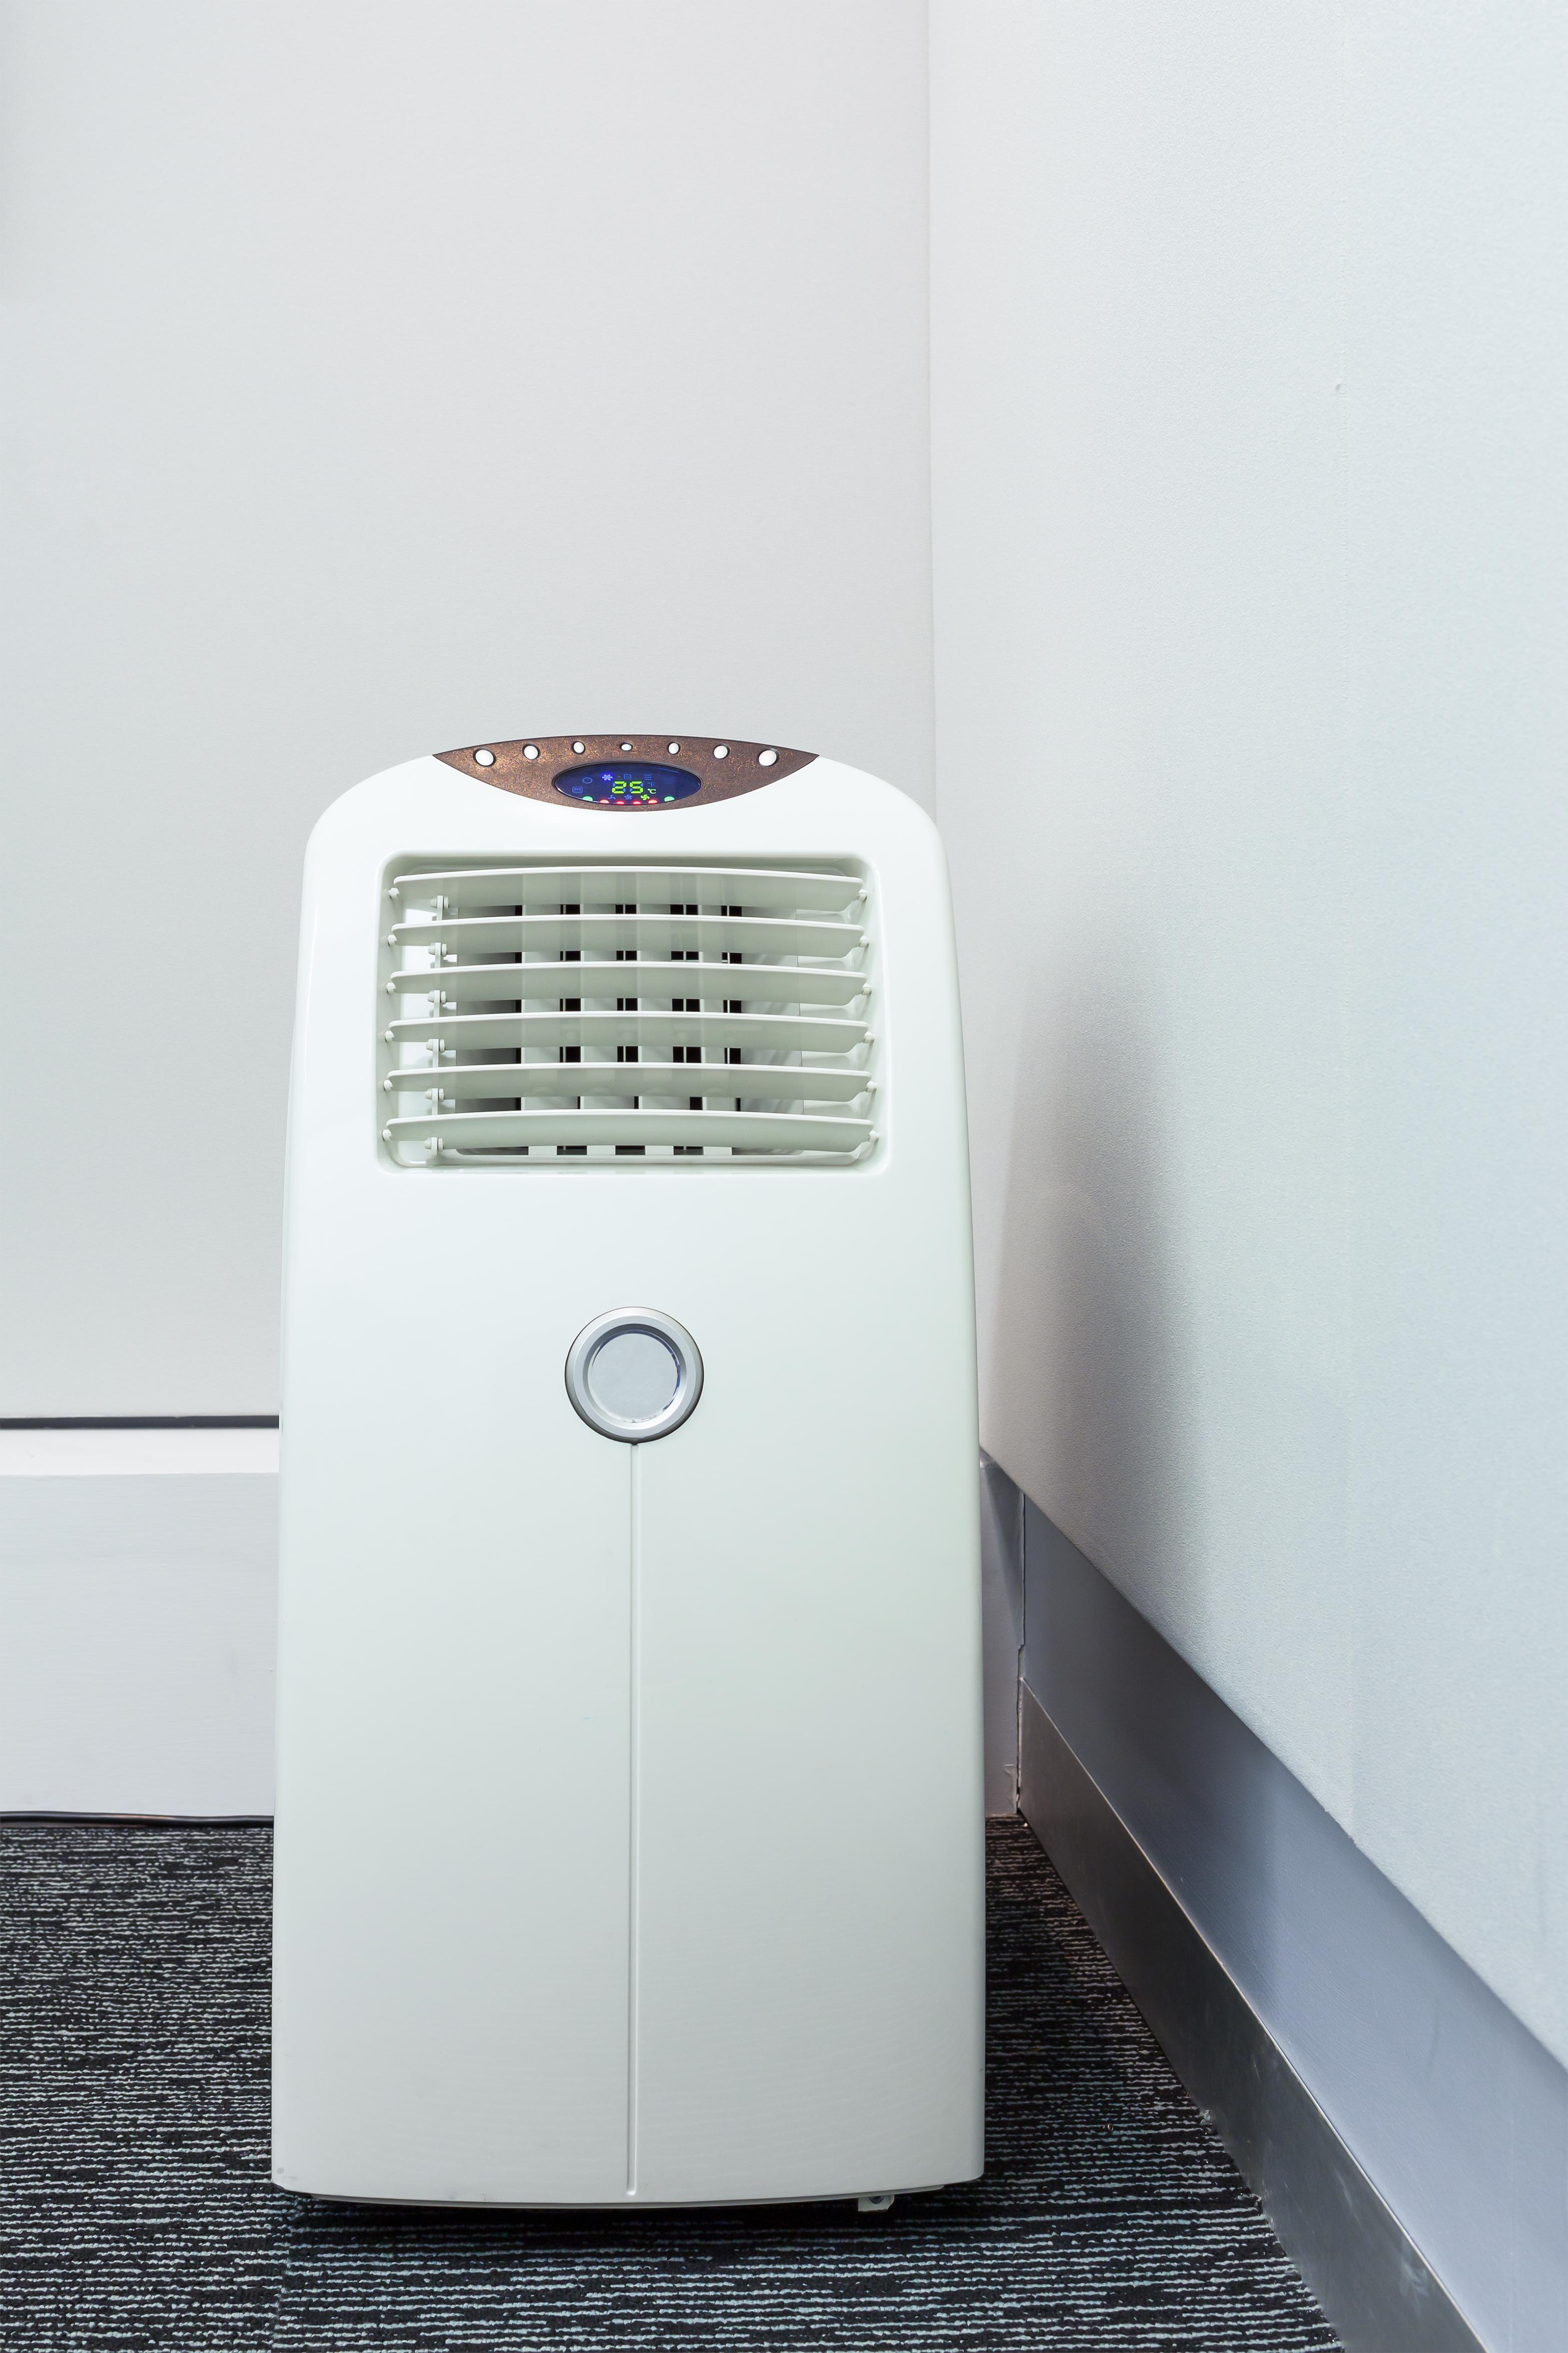 ventilateur climatisation mobile ou rafra chisseur d 39 air lequel choisir air maison. Black Bedroom Furniture Sets. Home Design Ideas